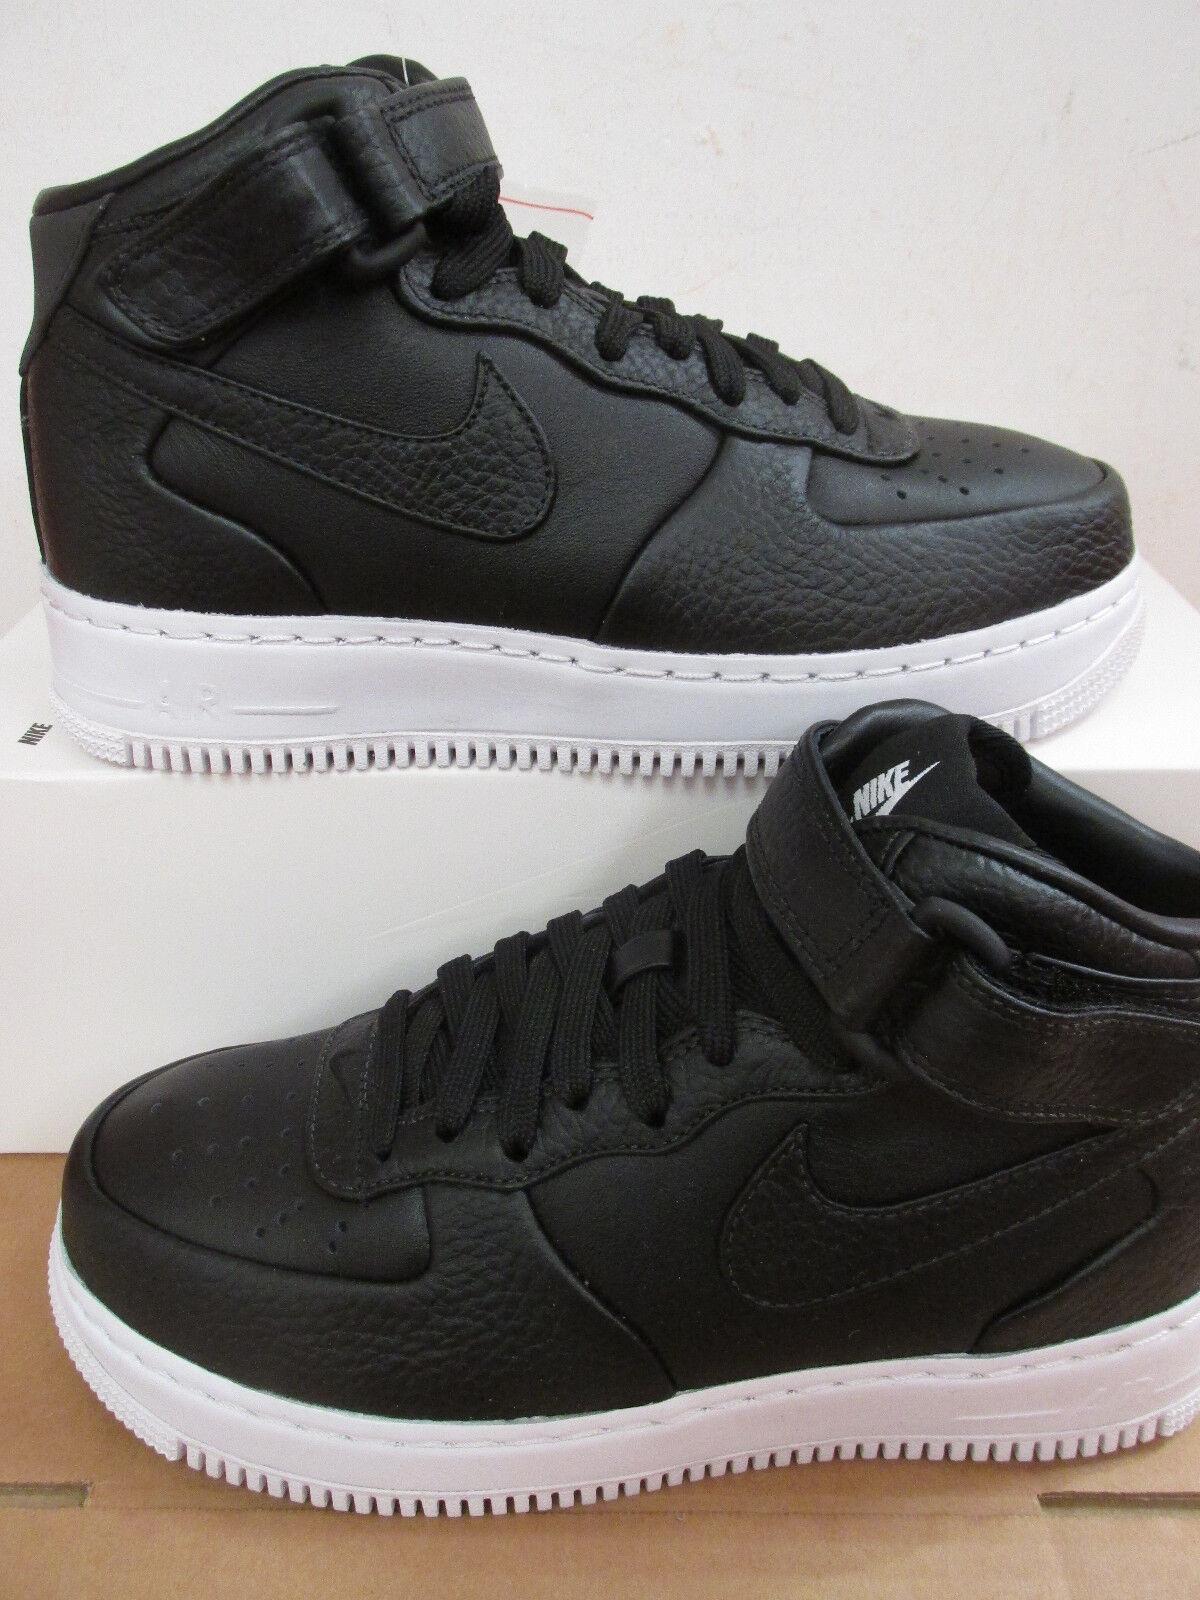 Nikelab Air Force 1 pour Mi Chaussure de Course pour 1 Homme 819677 002 Baskets b938b0